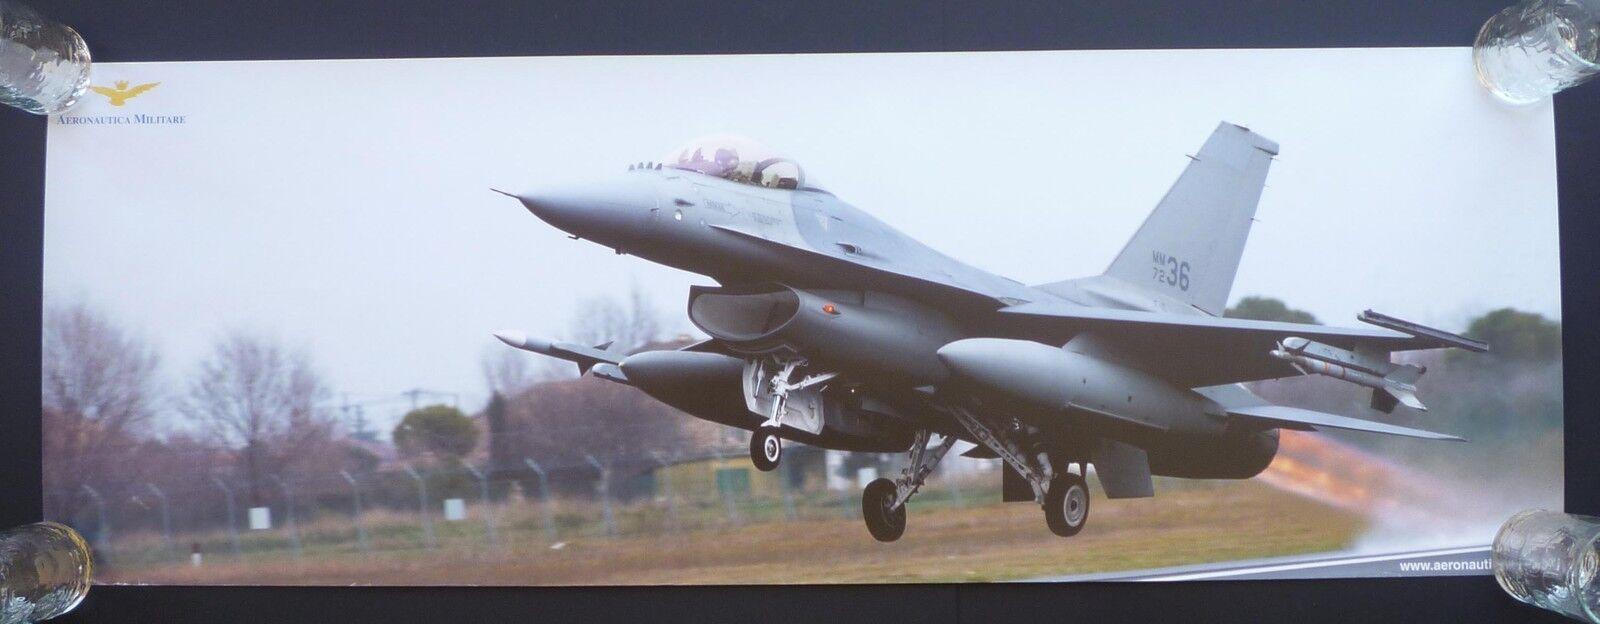 Poster AERONAUTICA MILITARE F-16 F-16 F-16 Fighting Falcon 98x34 - new  entrega gratis